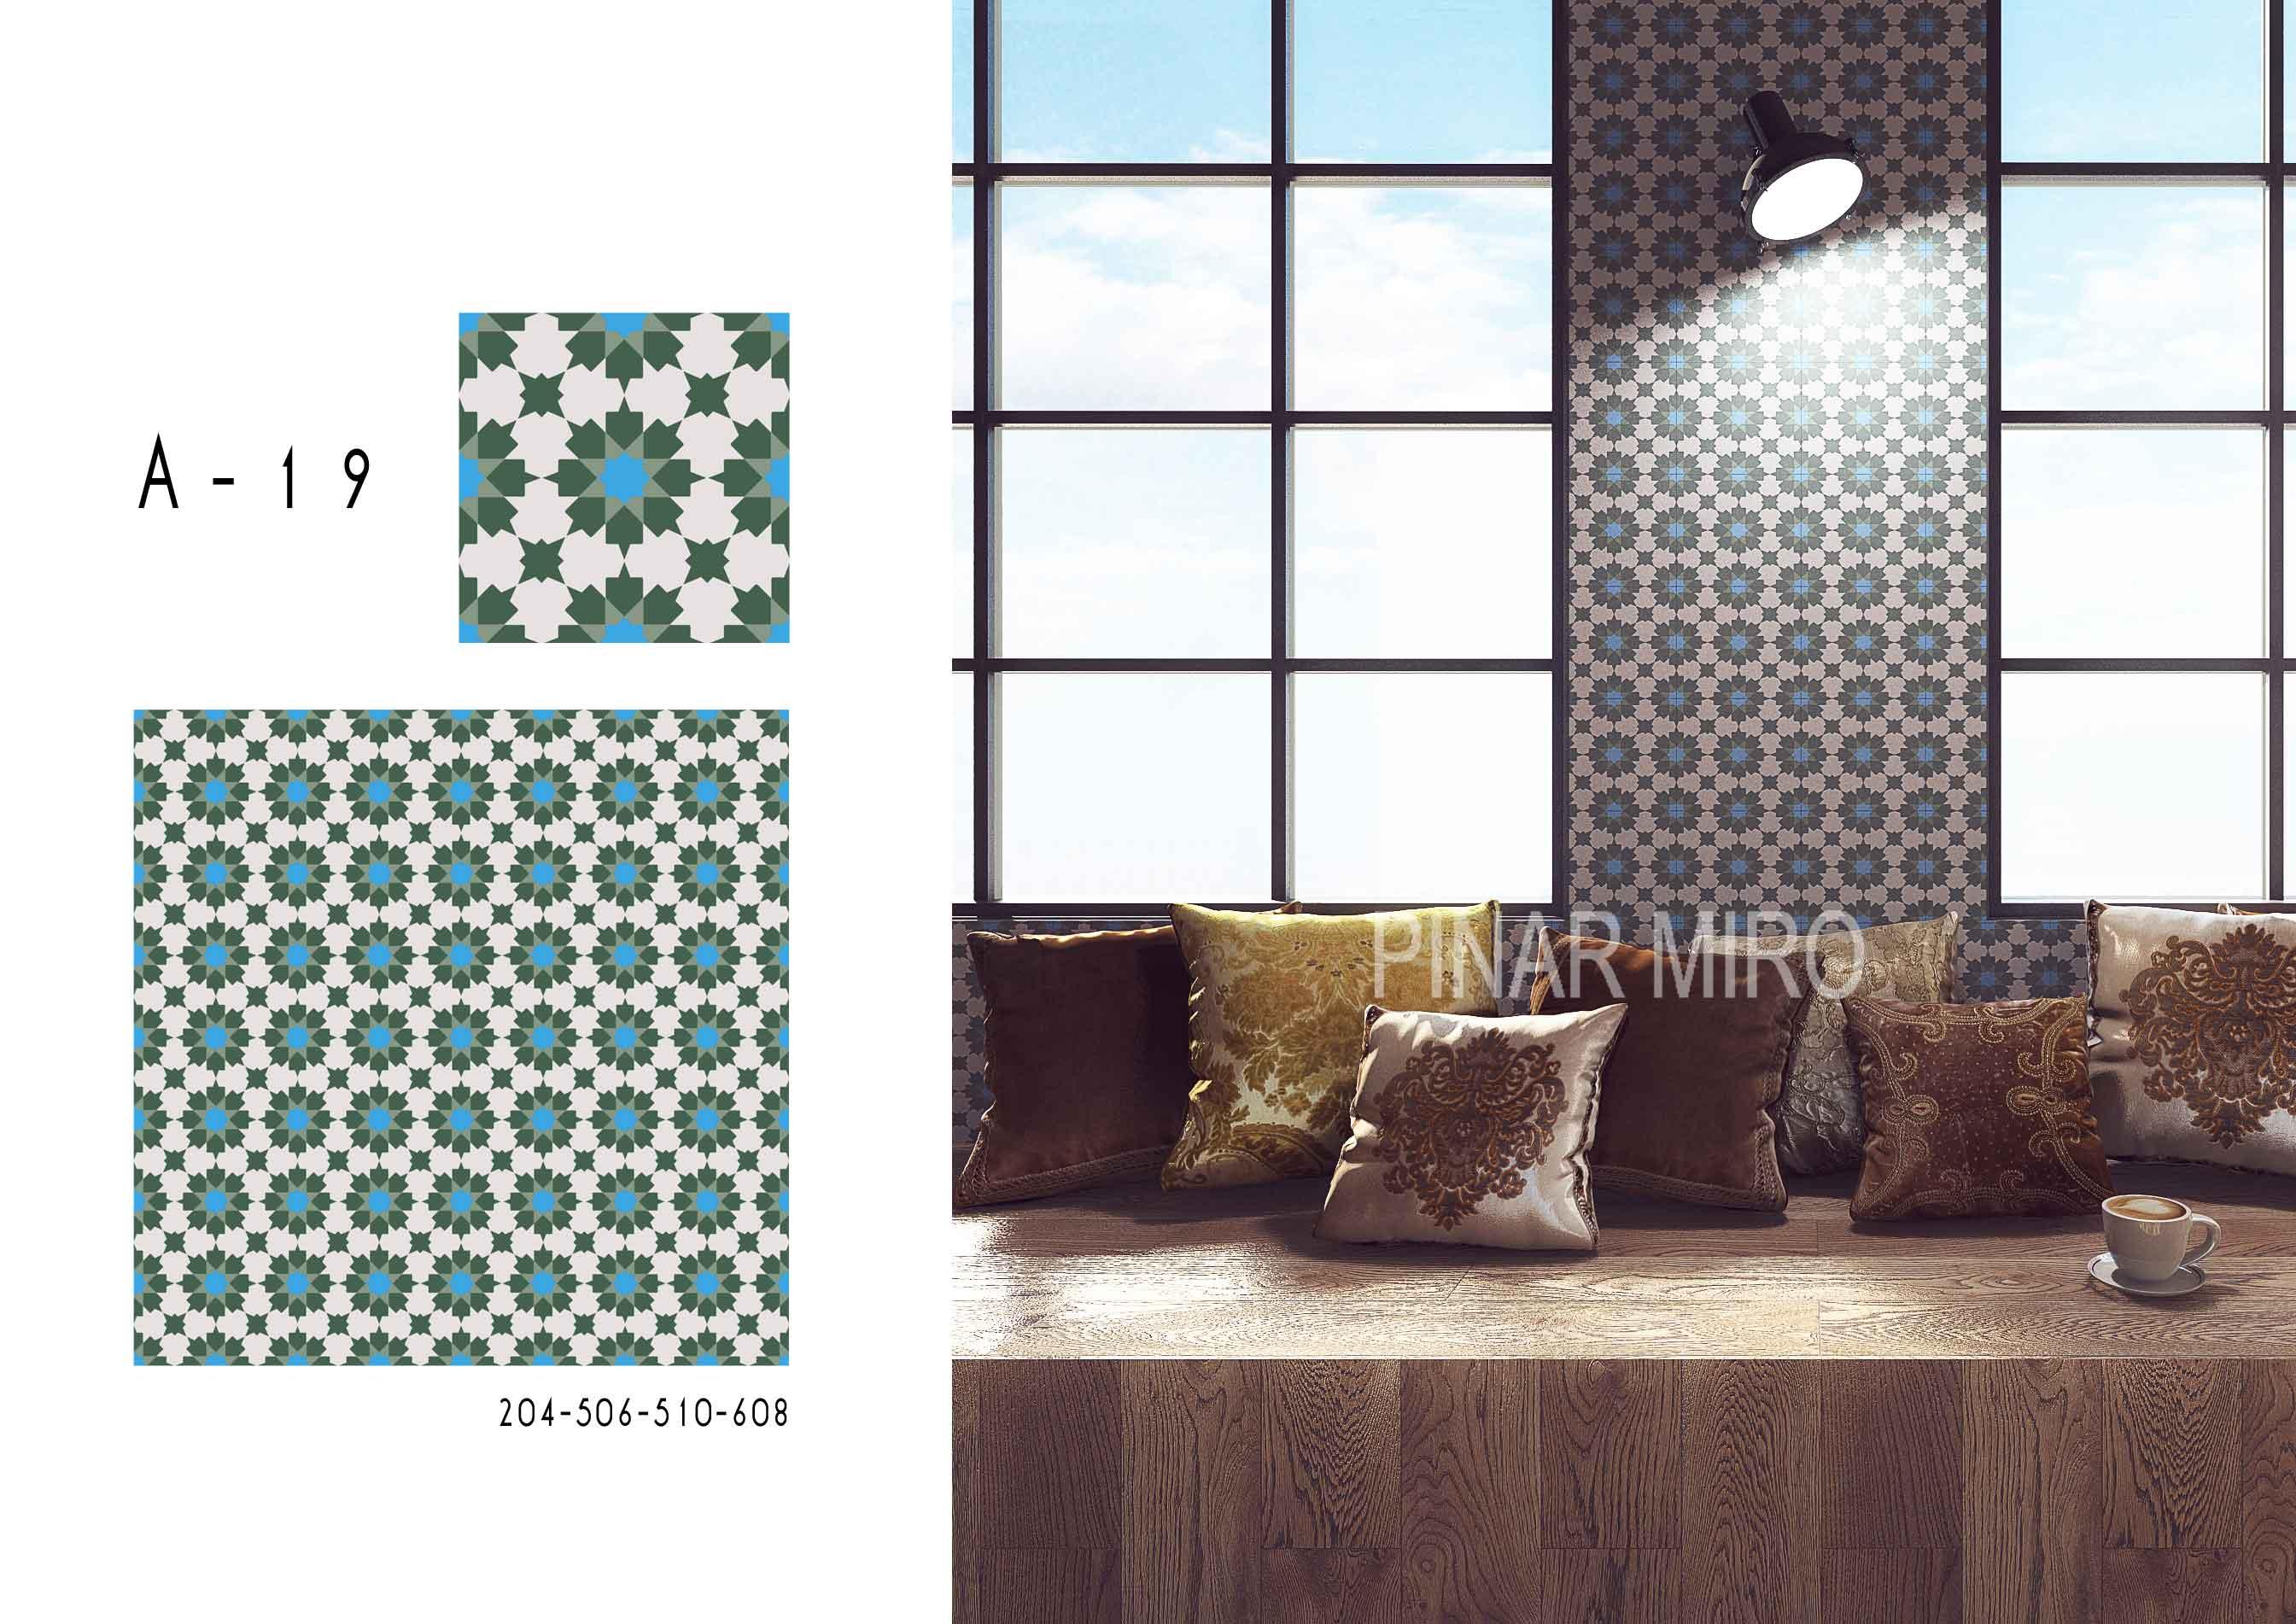 a019-pinar-miro-cement-tegels